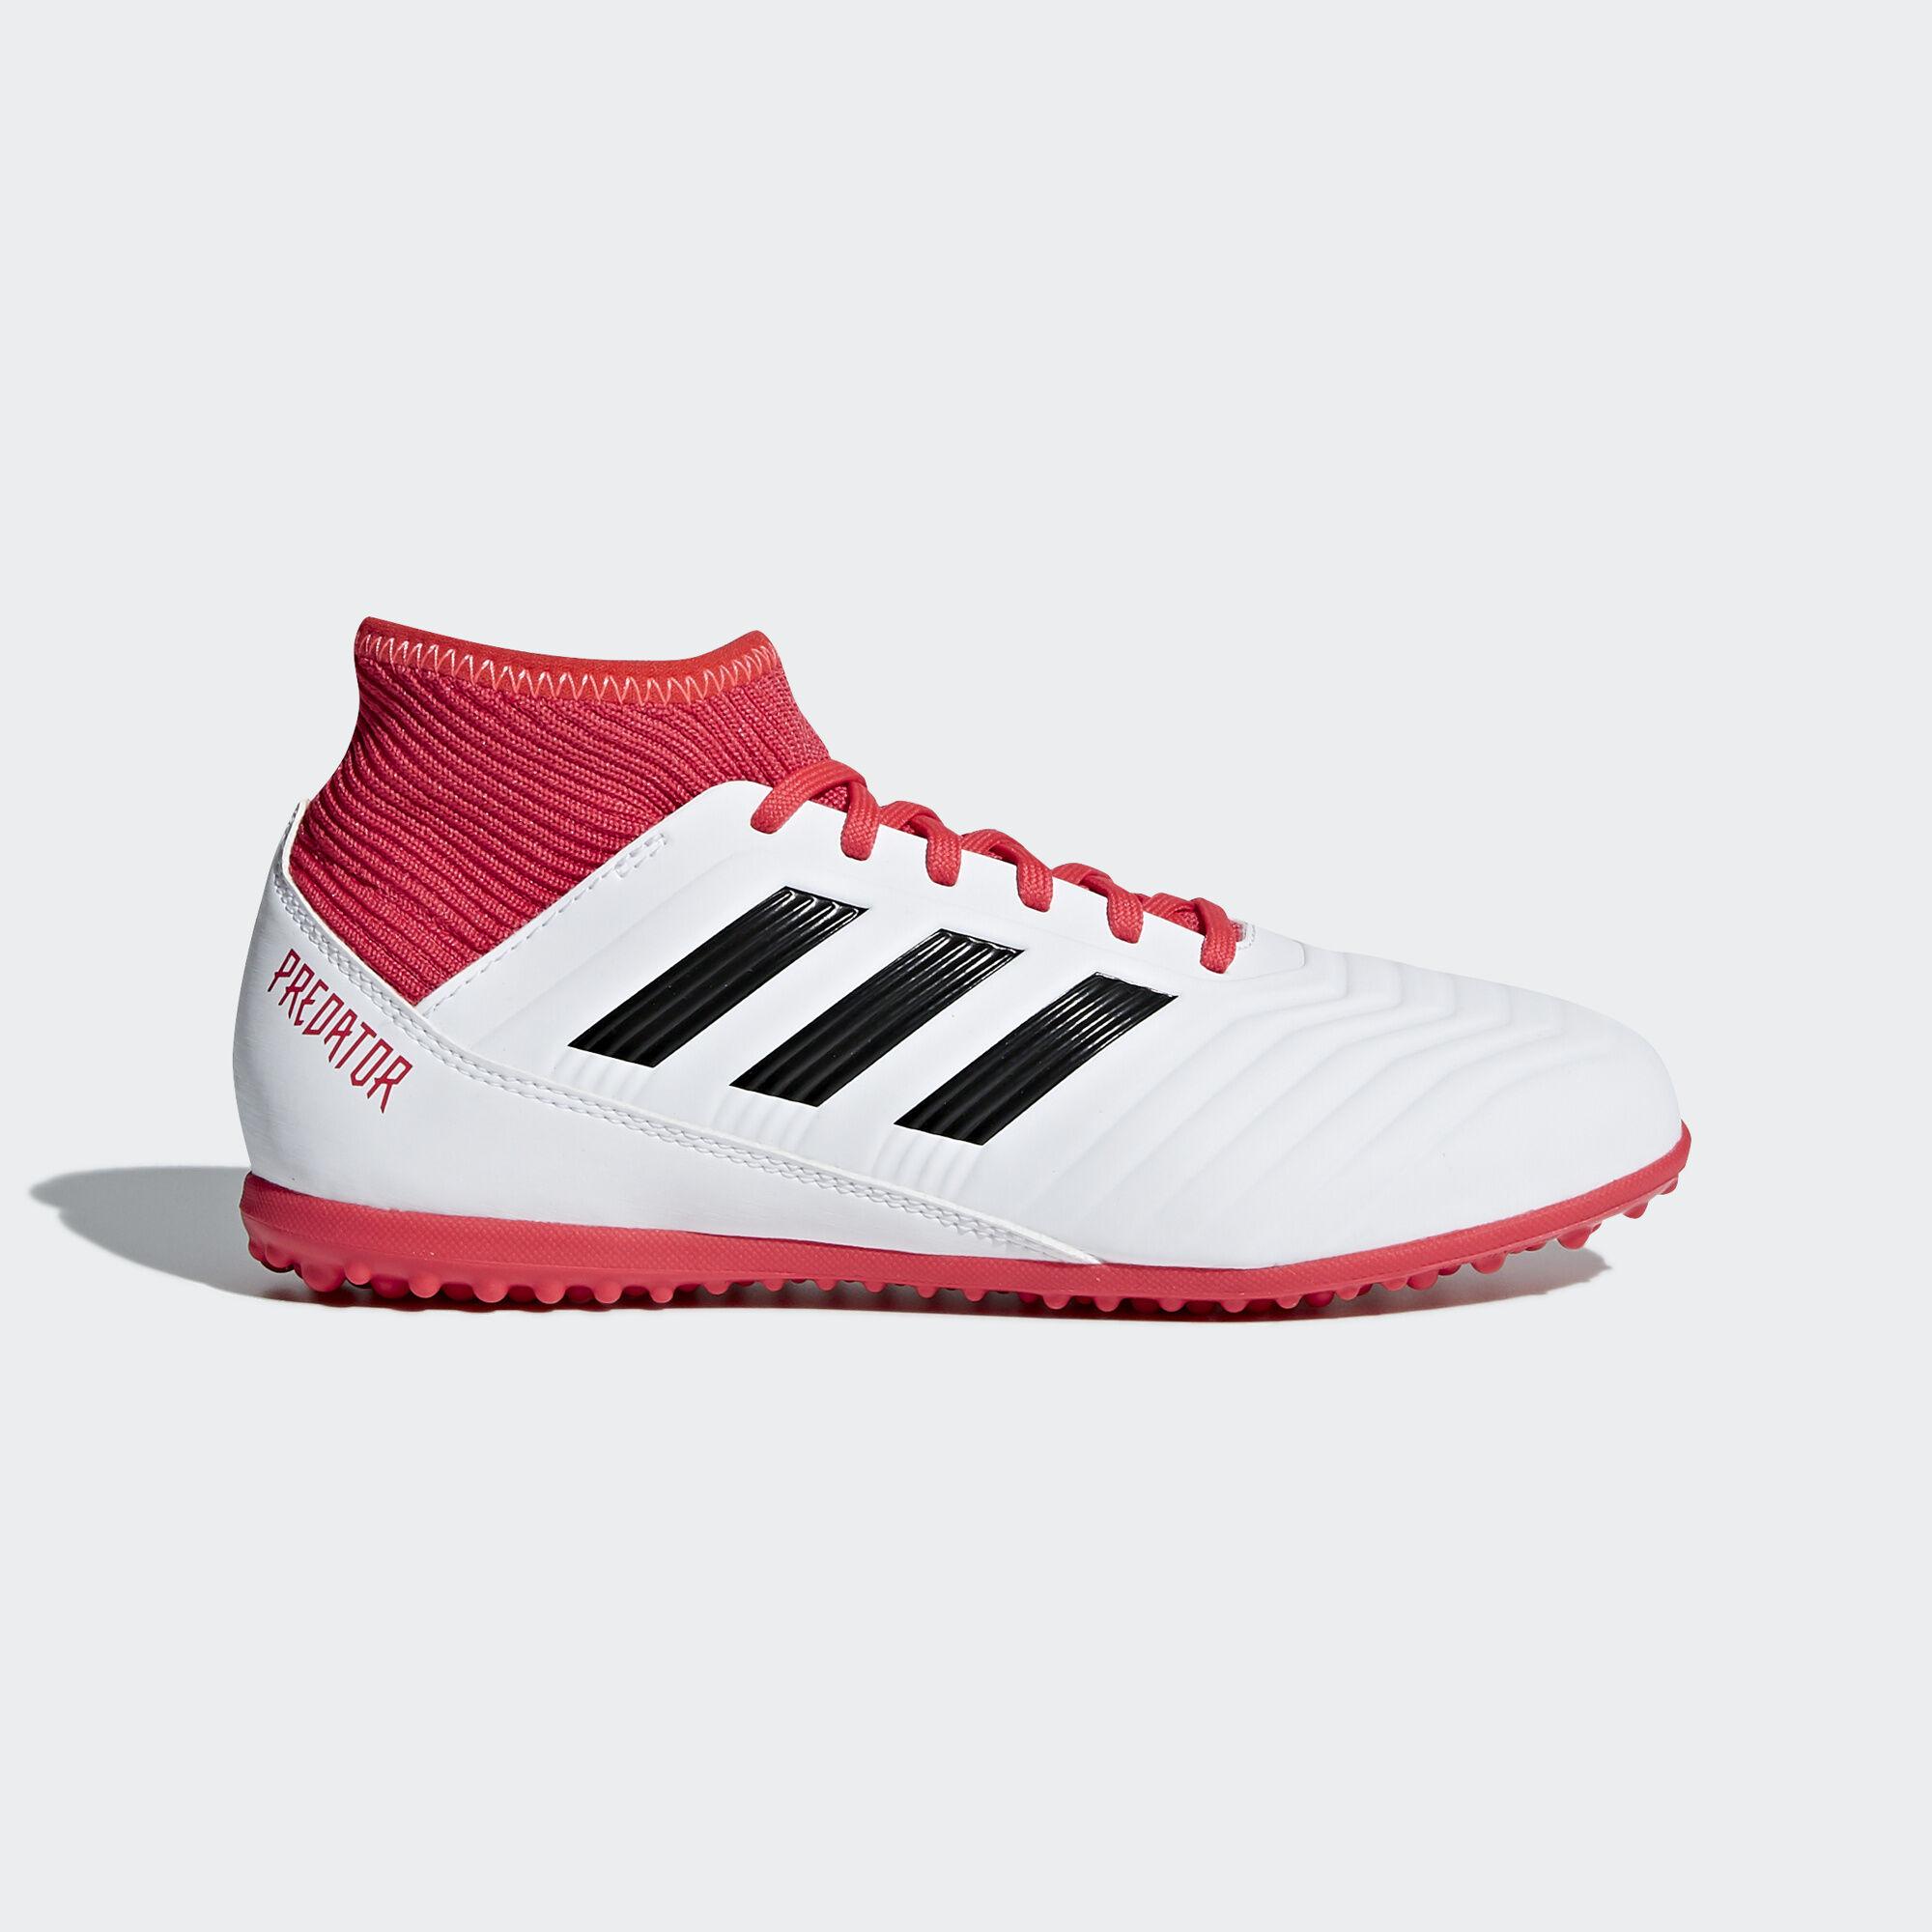 adidas Chaussures kid Predator Tango 18.3 Turf dYxvj1FETh